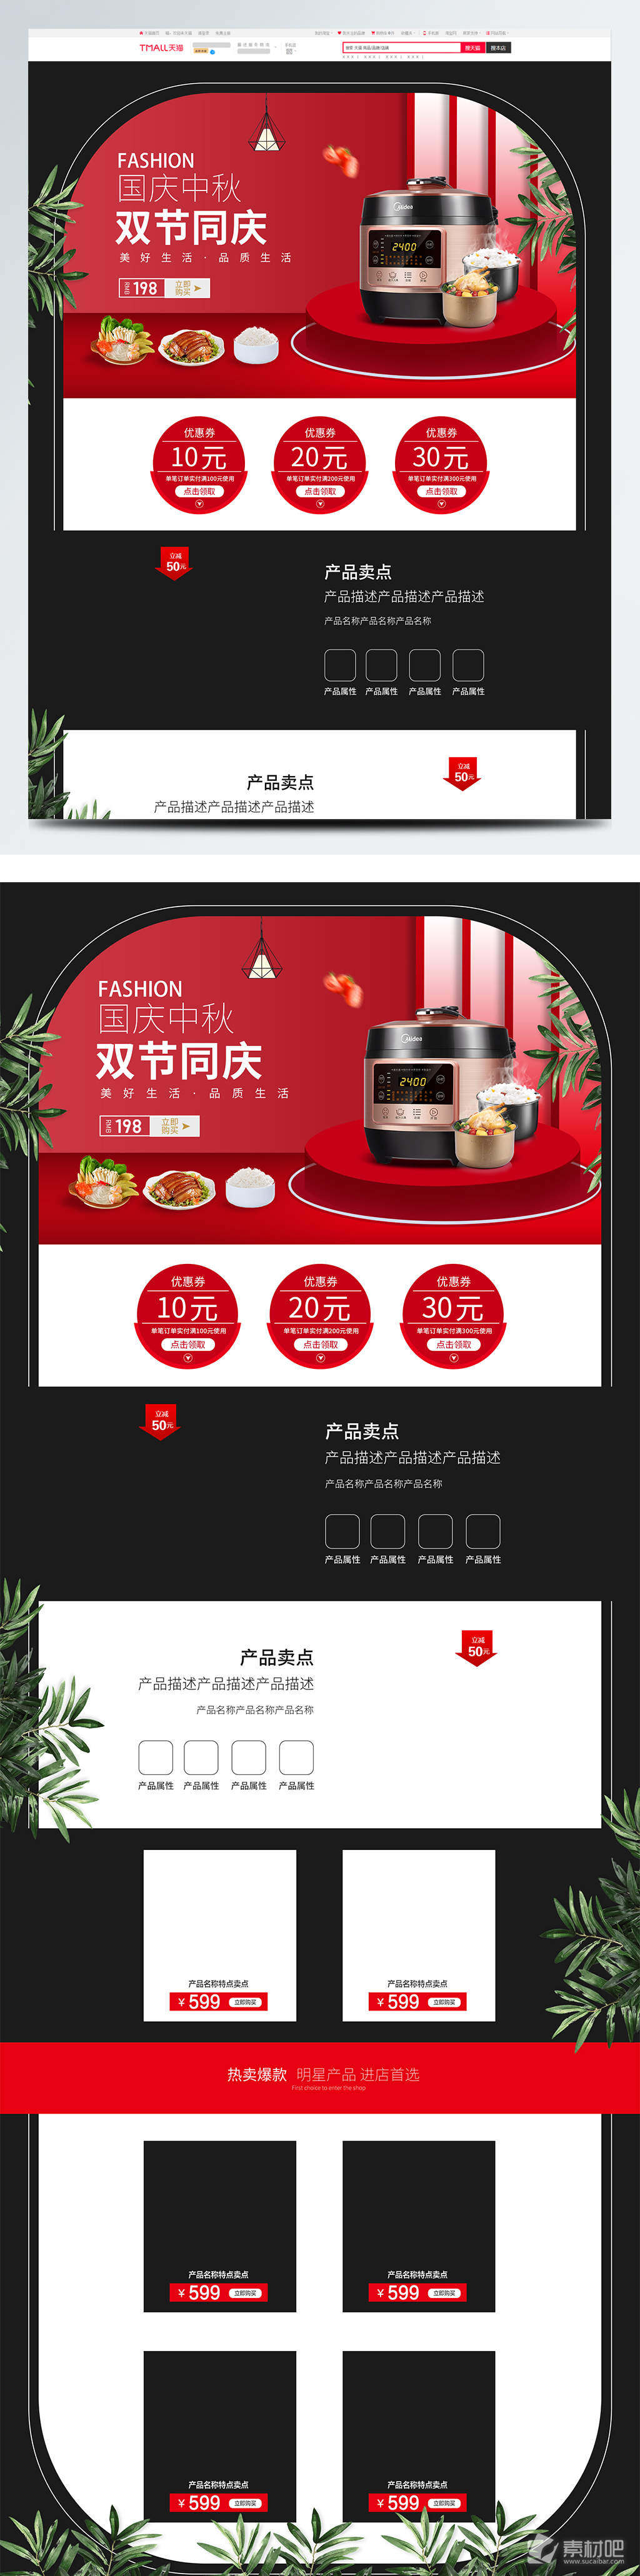 电商淘宝国庆中秋双节同庆首页模板